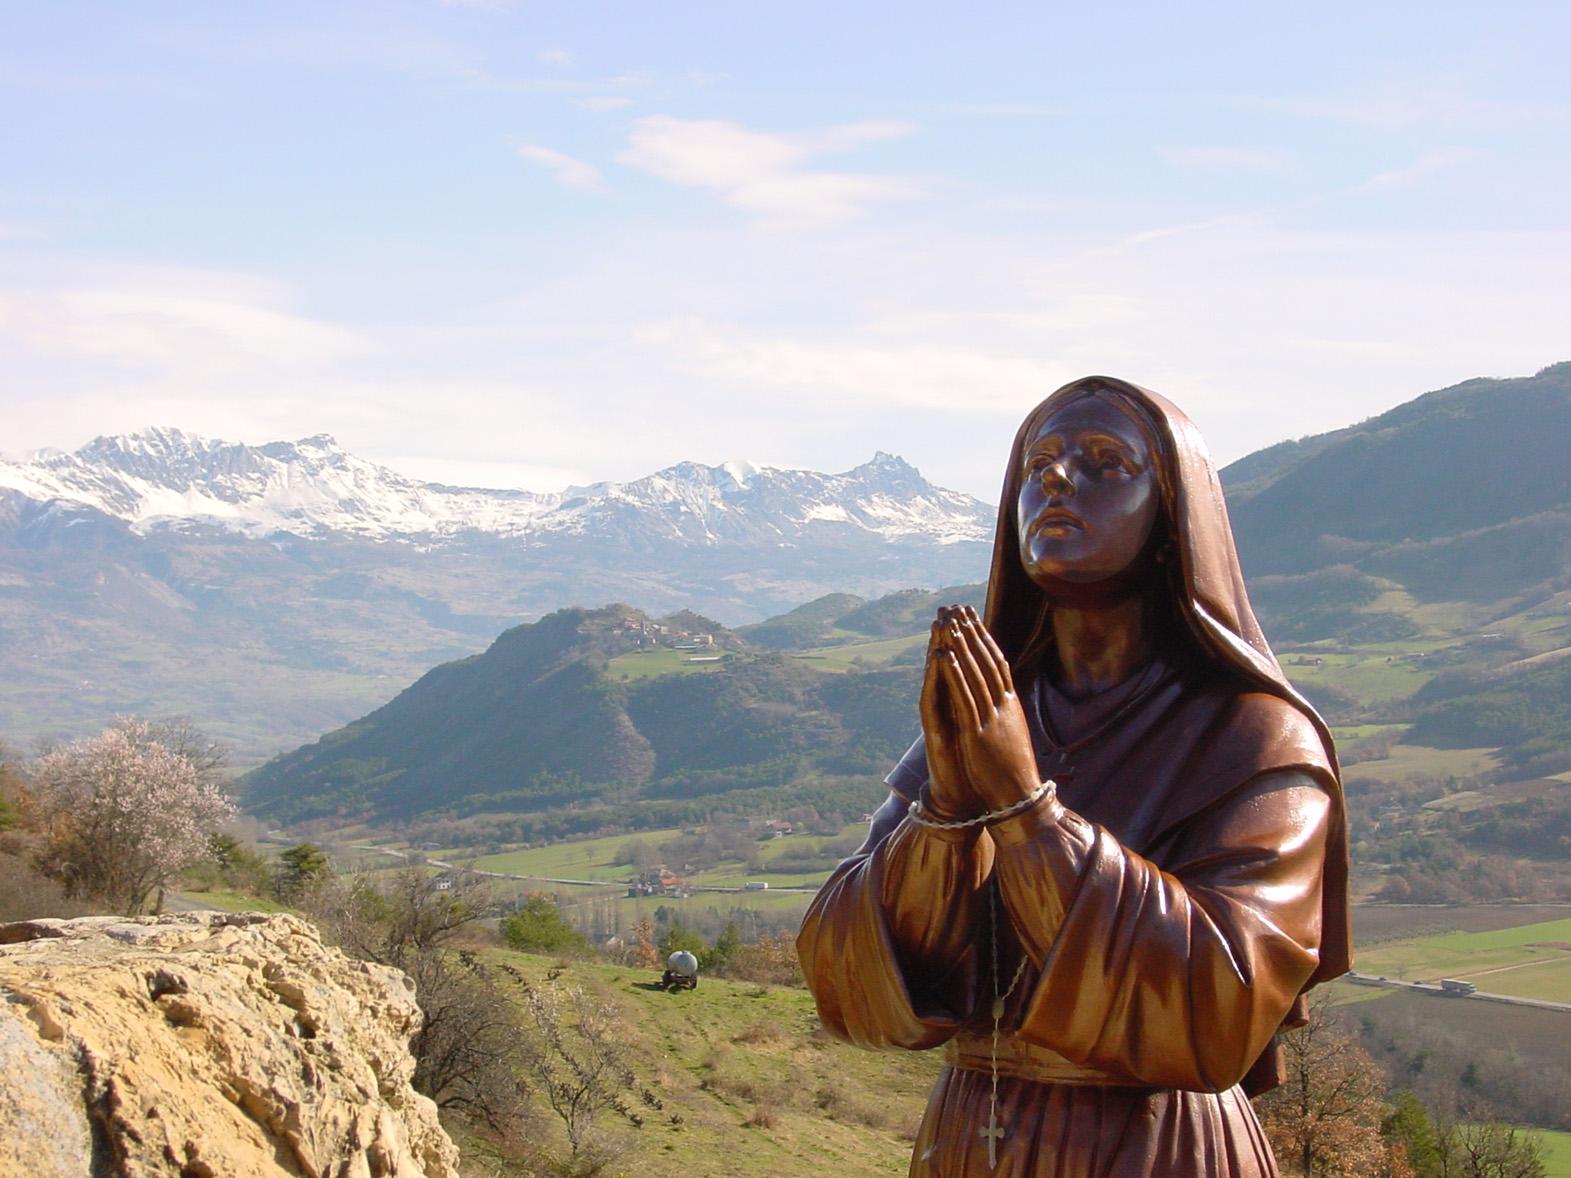 L'année Benoîte, nous y sommes! Sanctuaire Notre-Dame du Laus (05), le 28 décembre